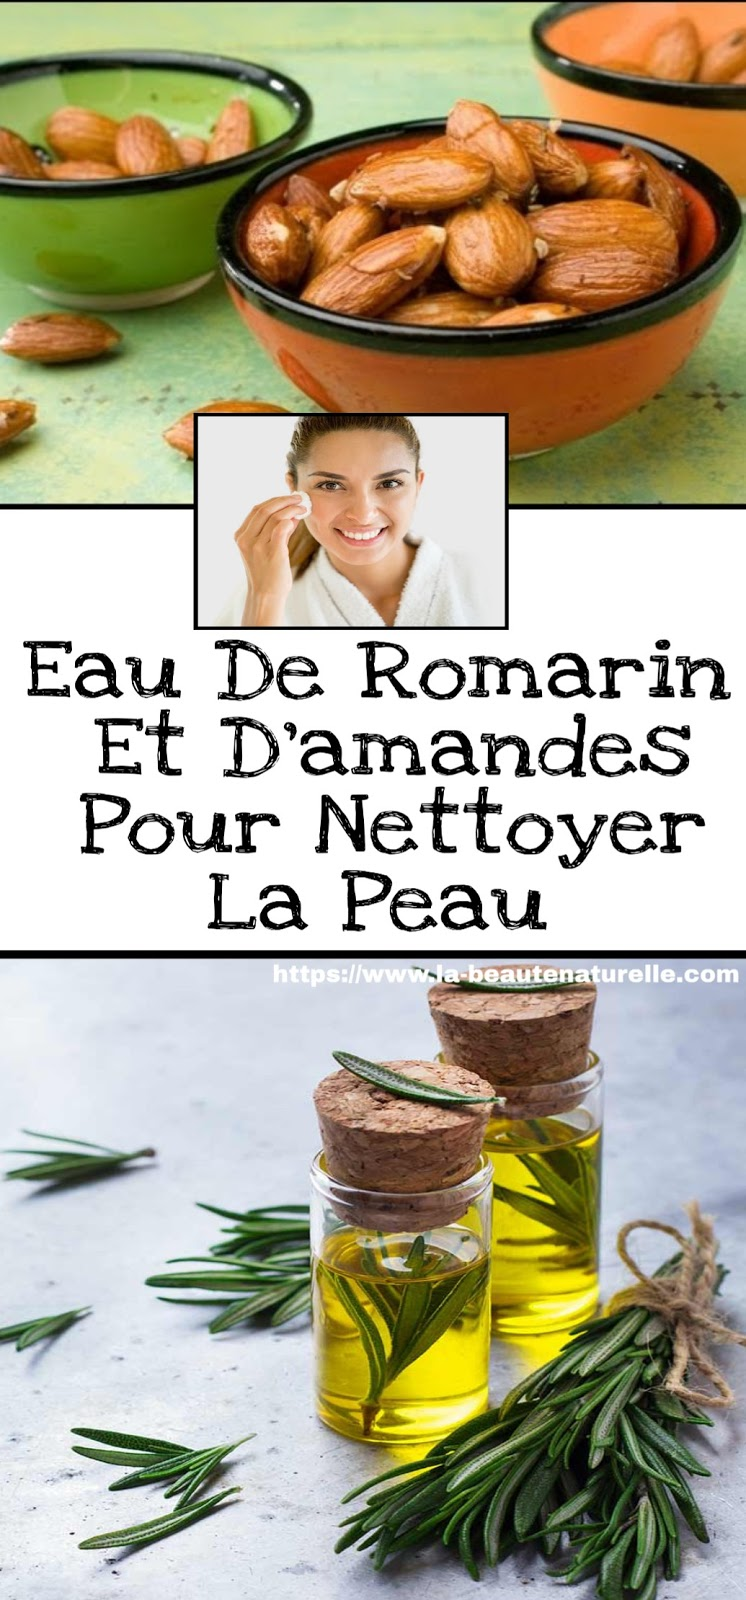 Eau De Romarin Et D'amandes Pour Nettoyer La Peau